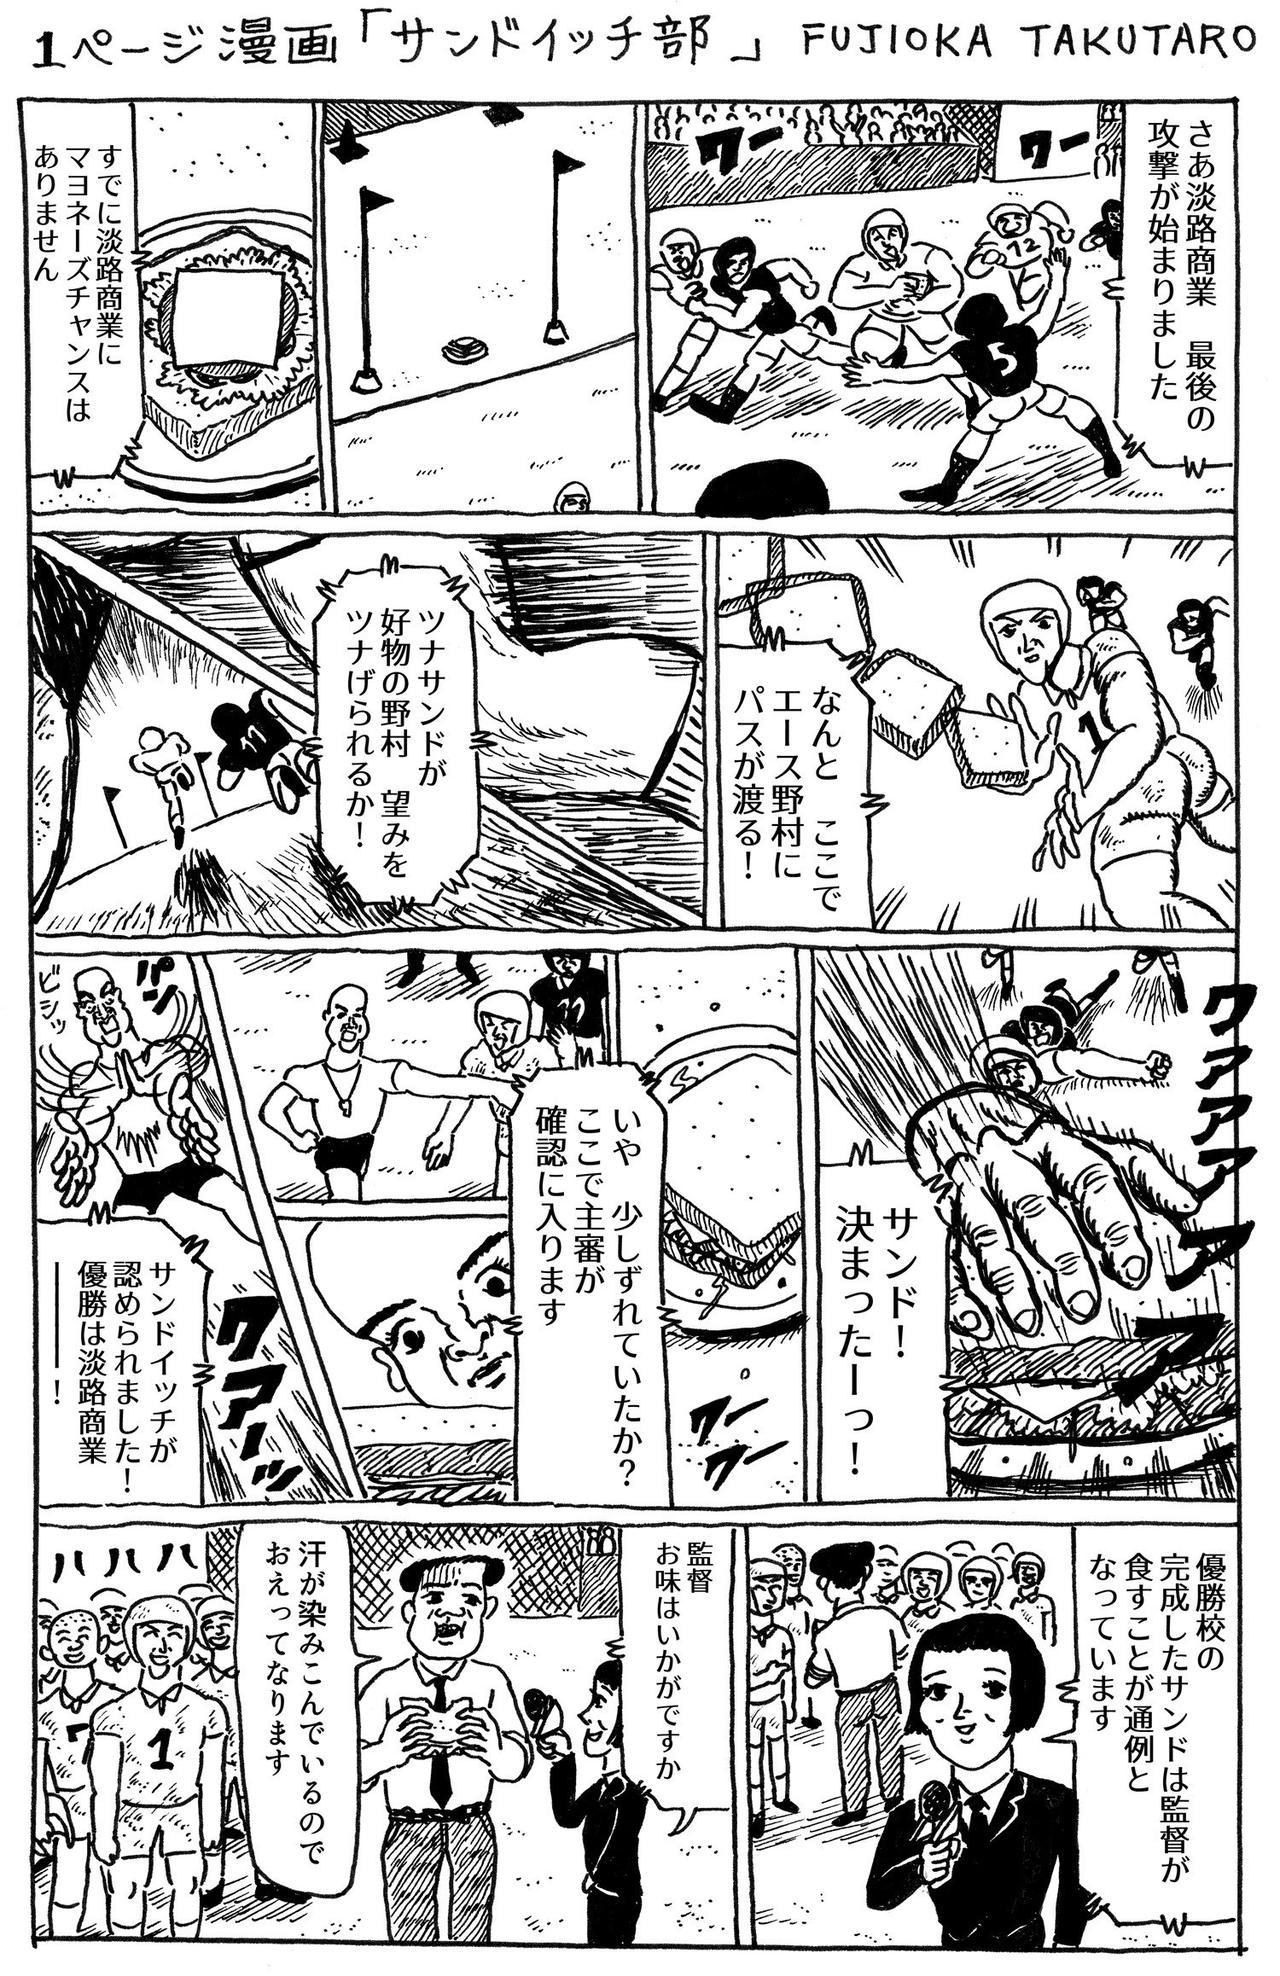 20170517_1ページ漫画_サンドイッチ部__R